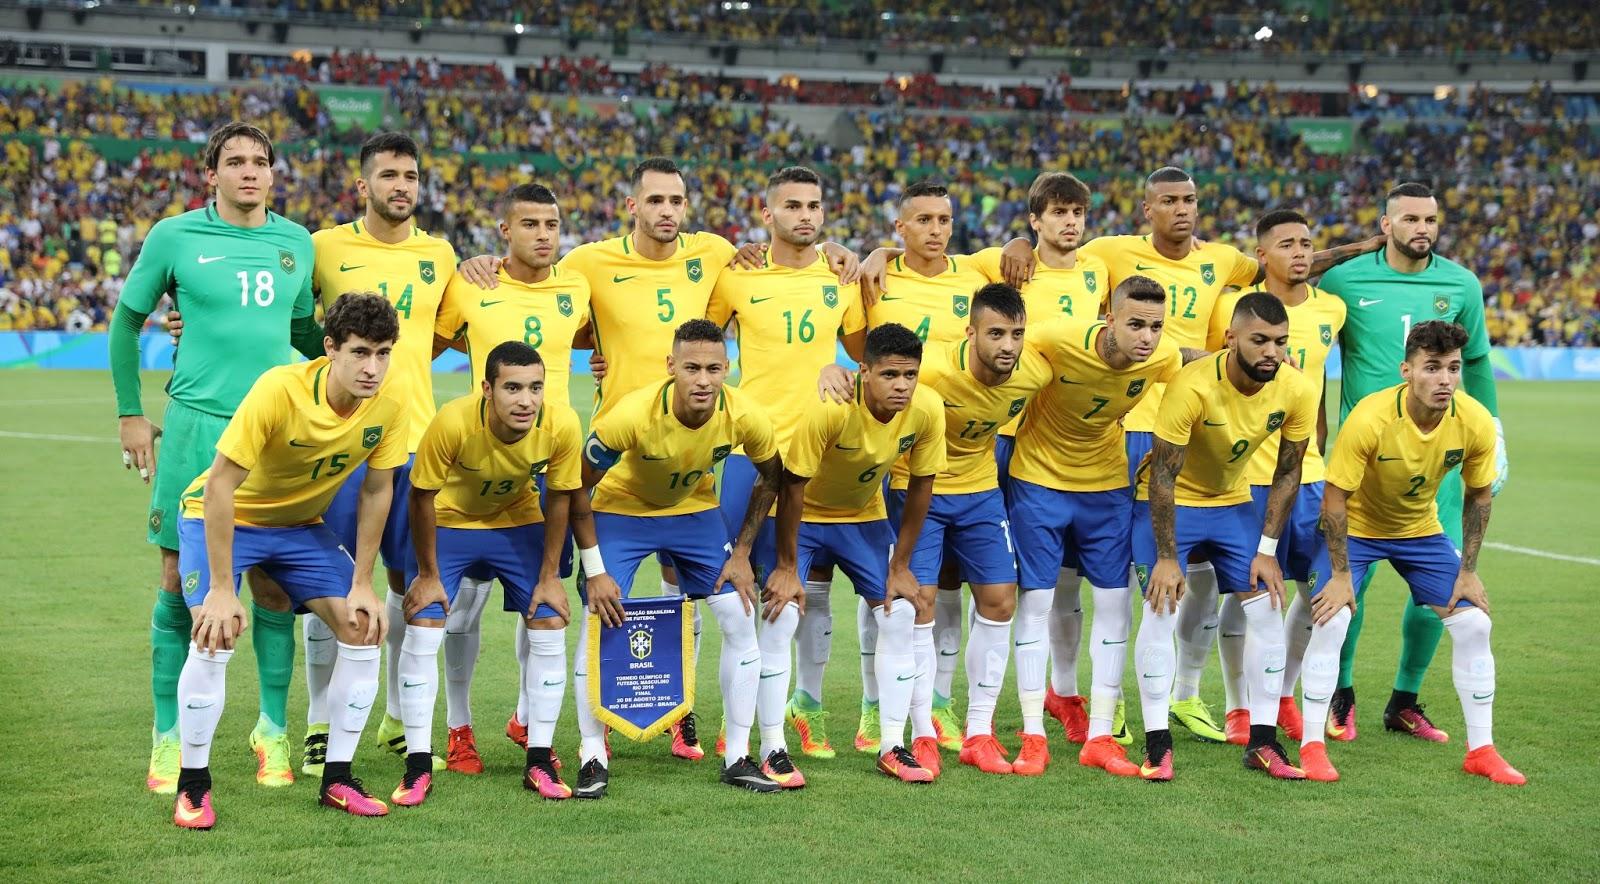 5b5c6d1936 A seleção brasileira de futebol é campeã olímpica dos Jogos Rio 2016. O ouro  foi conquistado nos penalties